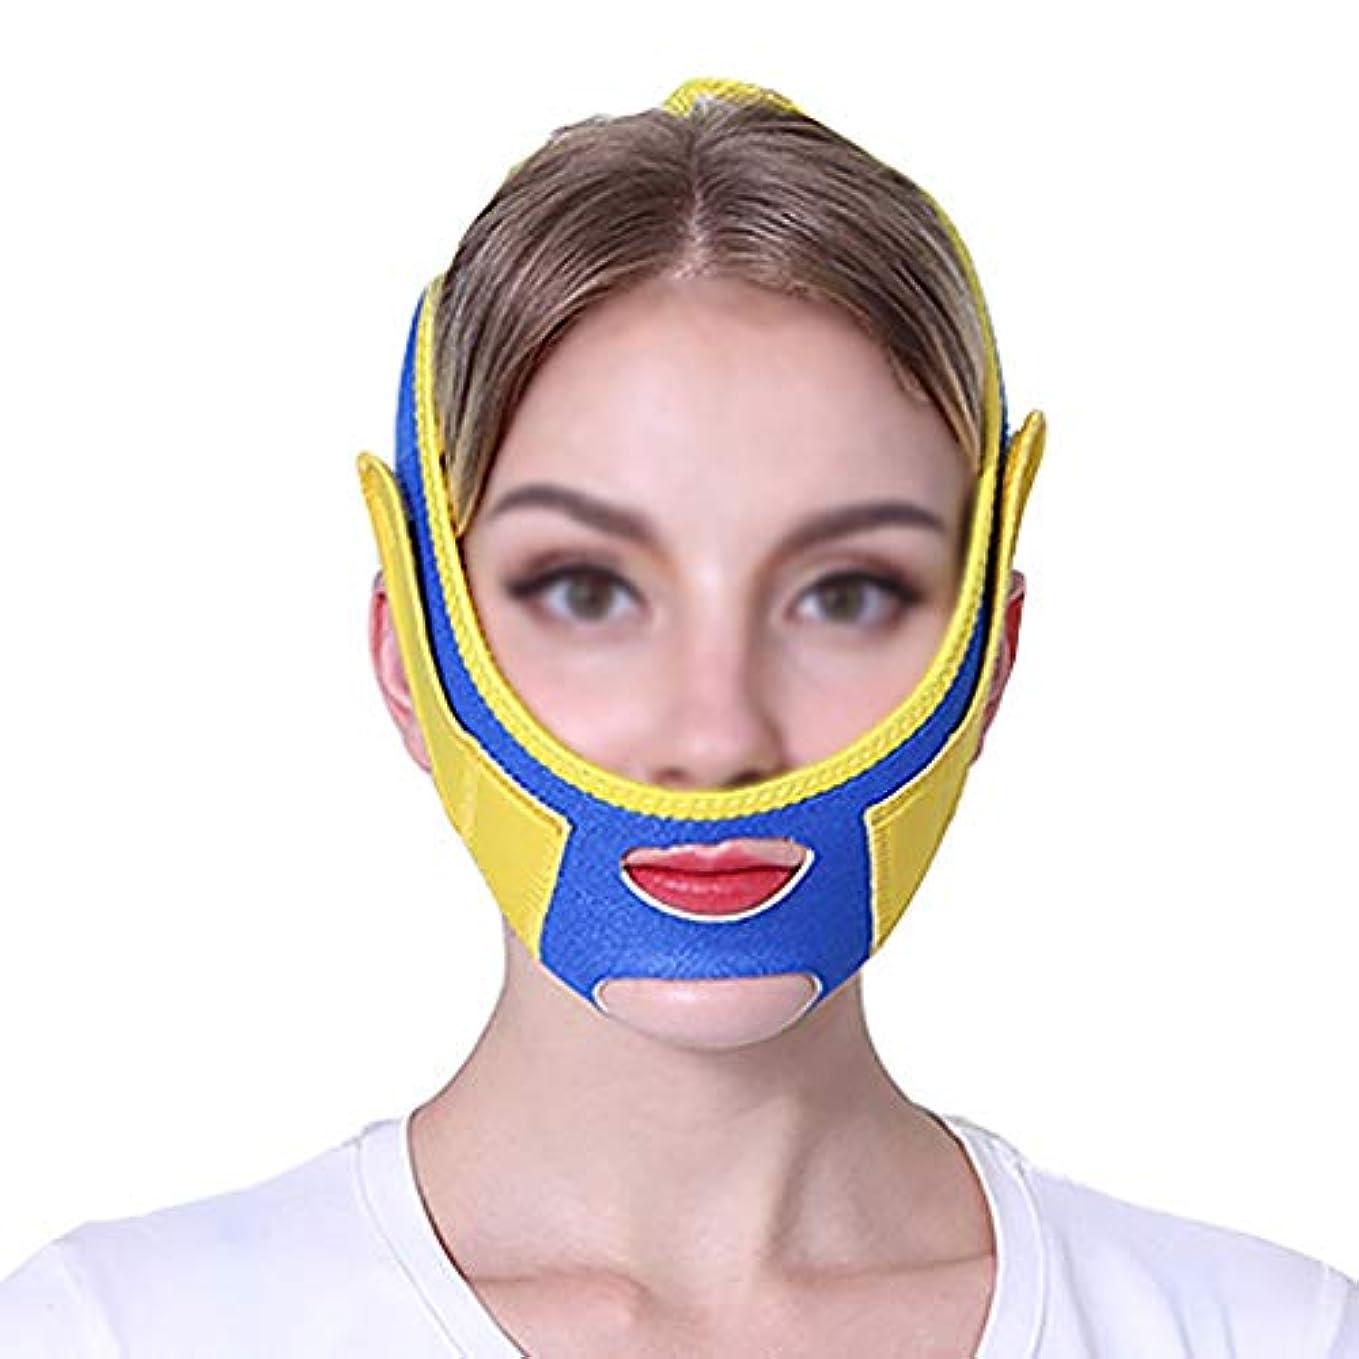 収縮公使館占めるTLMY ファーミングマスクスモールvフェイスアーティファクトリフティングマスクフェイスリフティングフェイスリフティングマスクファーミングクリームフェイシャルリフティング包帯 顔用整形マスク